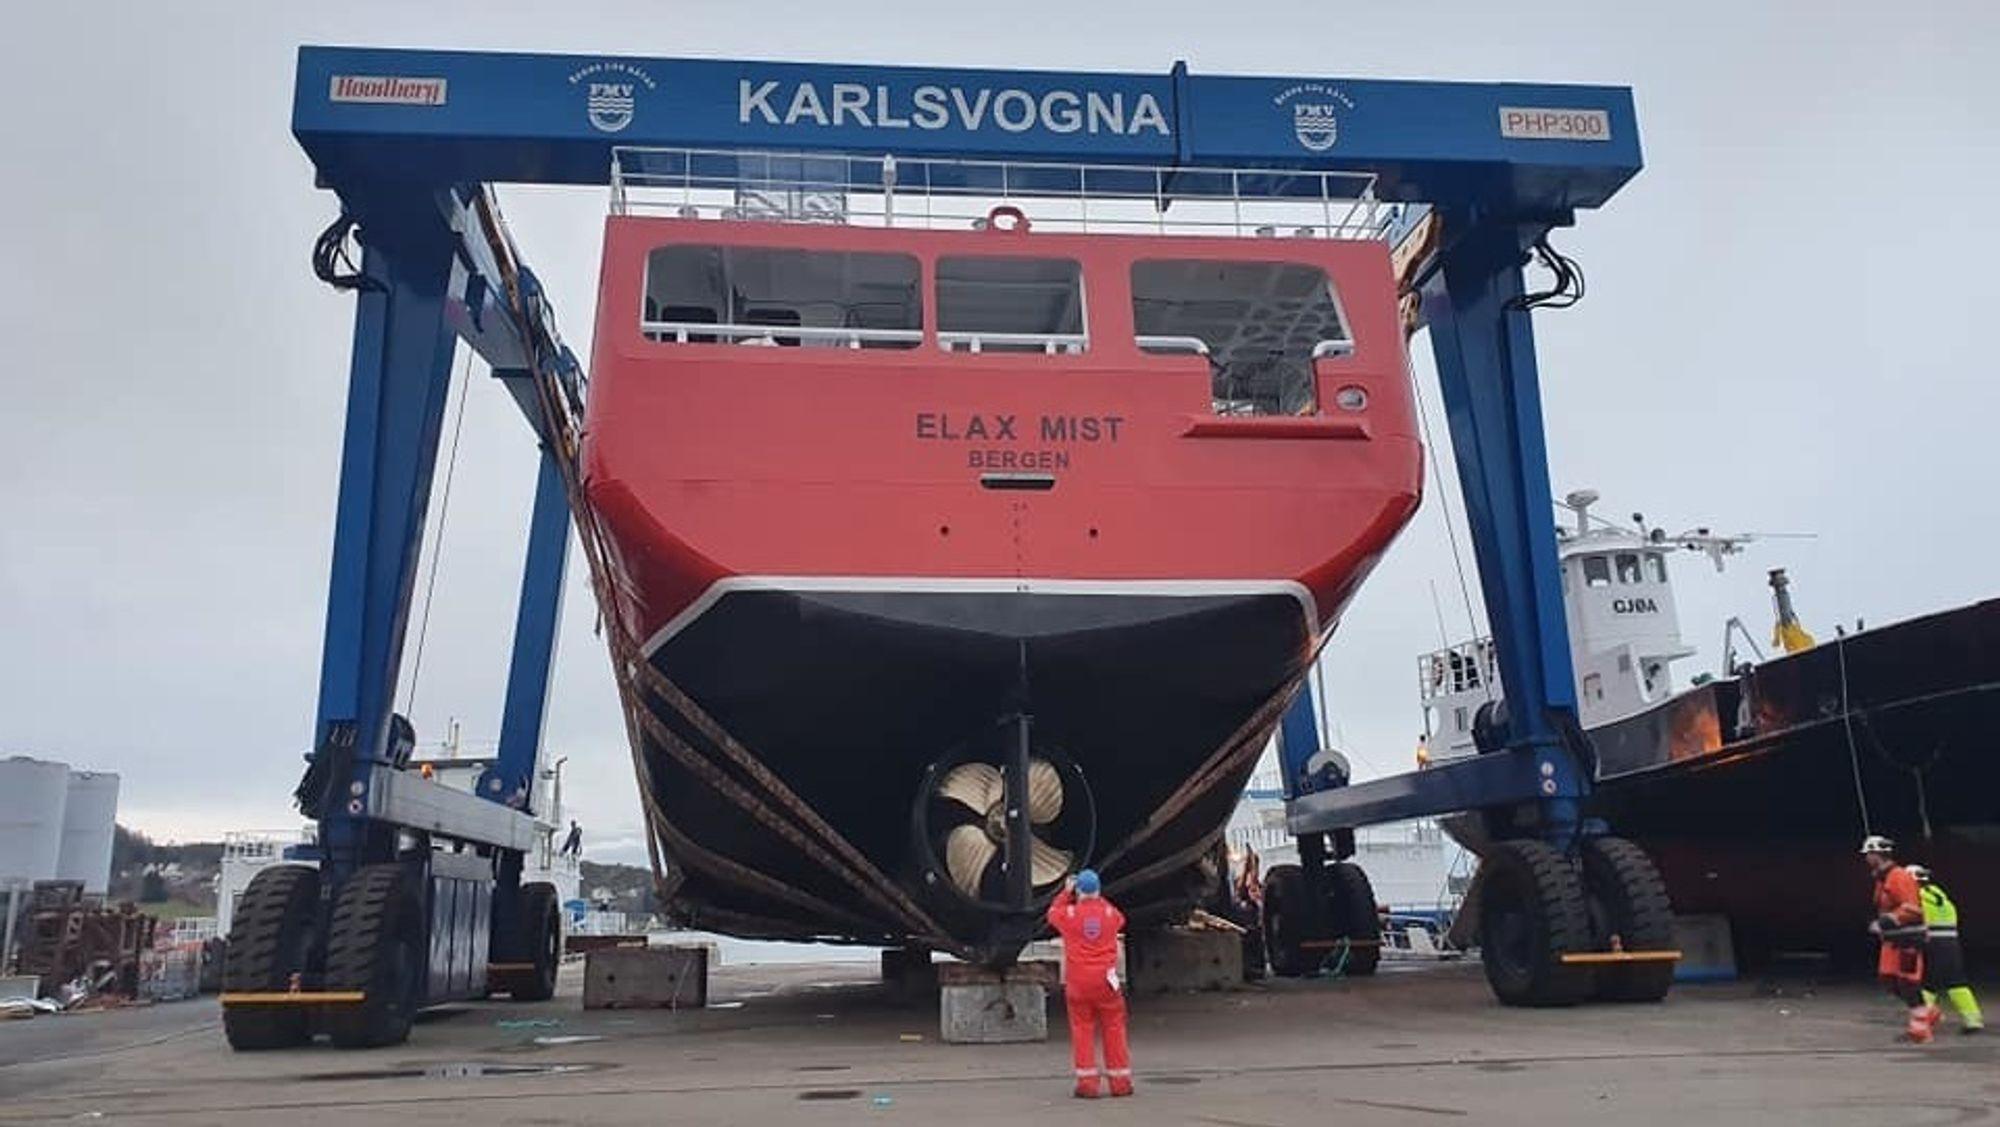 Elax Mist ble sjøsatt 24. november ved Fitjar Mekaniske Verksted. Båten skal nødbløgge fisk for oppdrettsnæringen på Vestlandet.